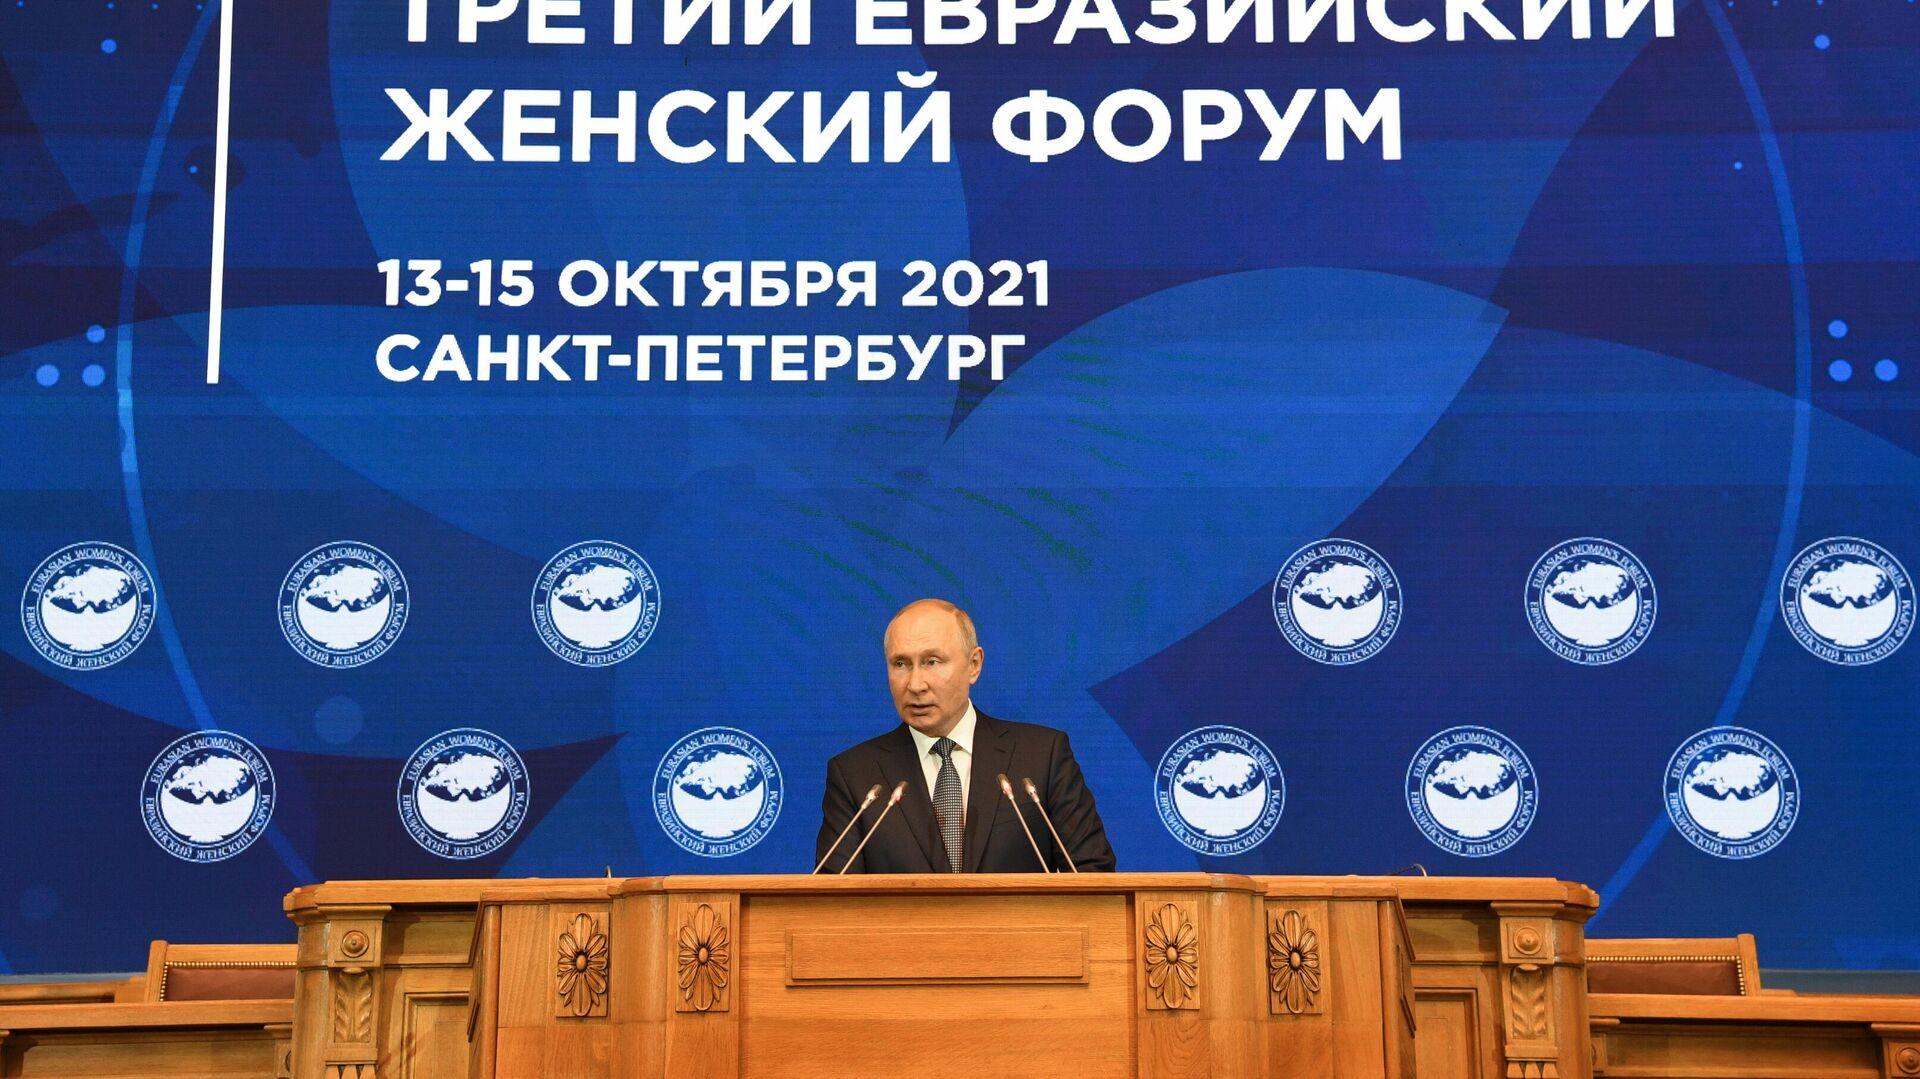 Президент РФ Владимир Путин выступает на Евразийском женском форума в Таврическом дворце в Санкт-Петербурге - РИА Новости, 1920, 14.10.2021